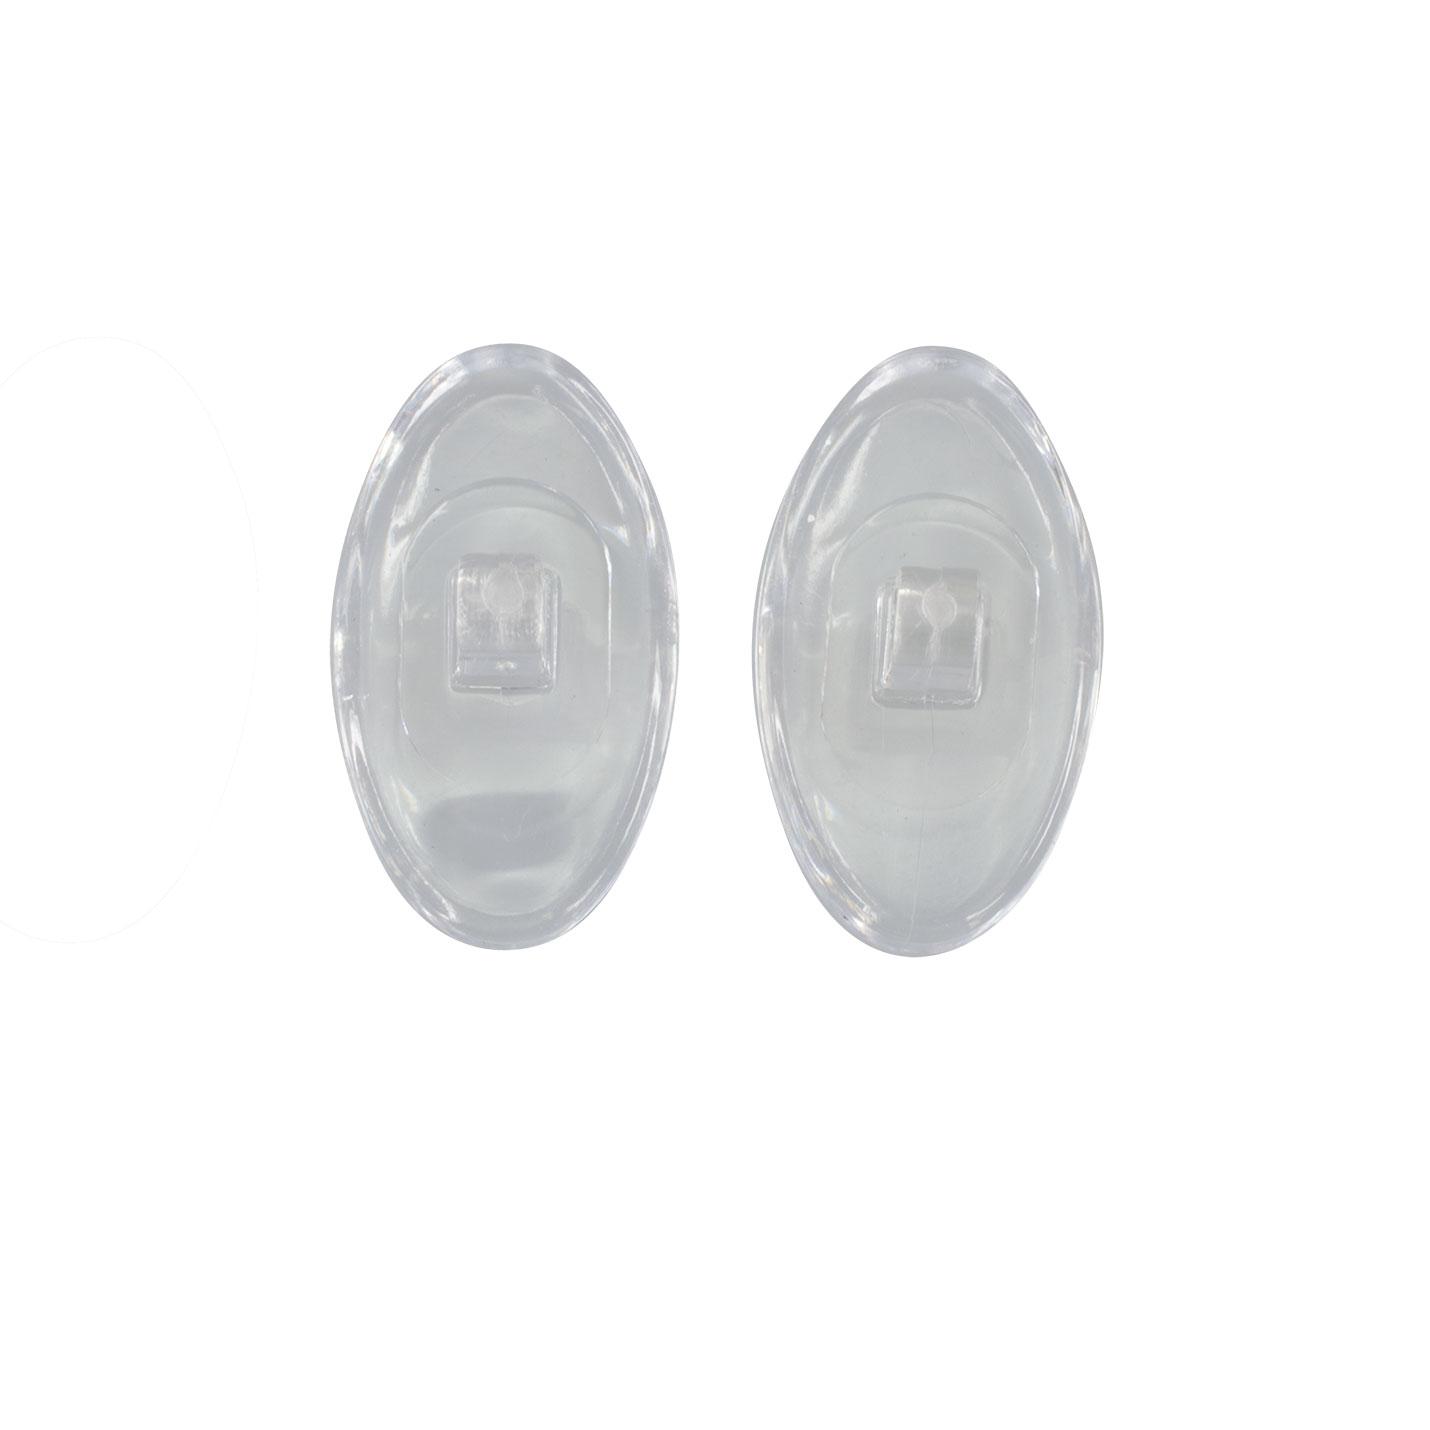 Plaquettes nasales symétriques à vis en PVC